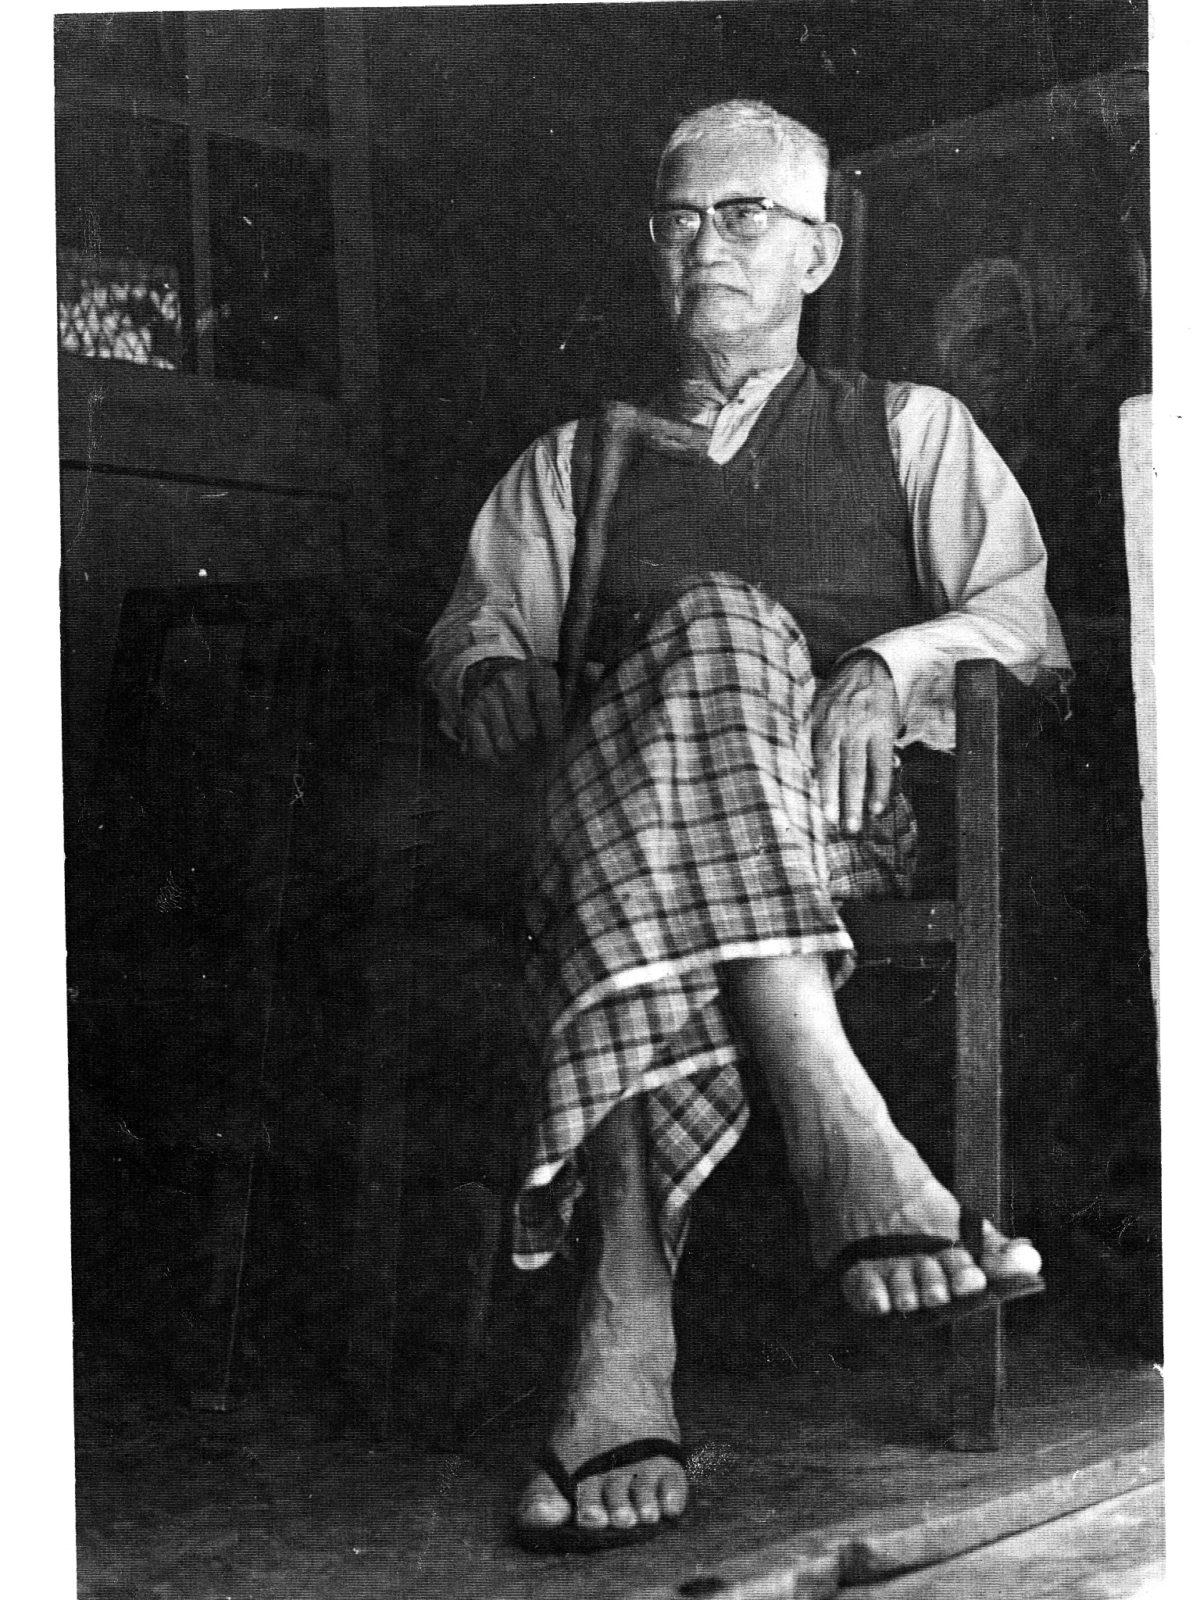 Pe Maung Tin (1888 – 1973)